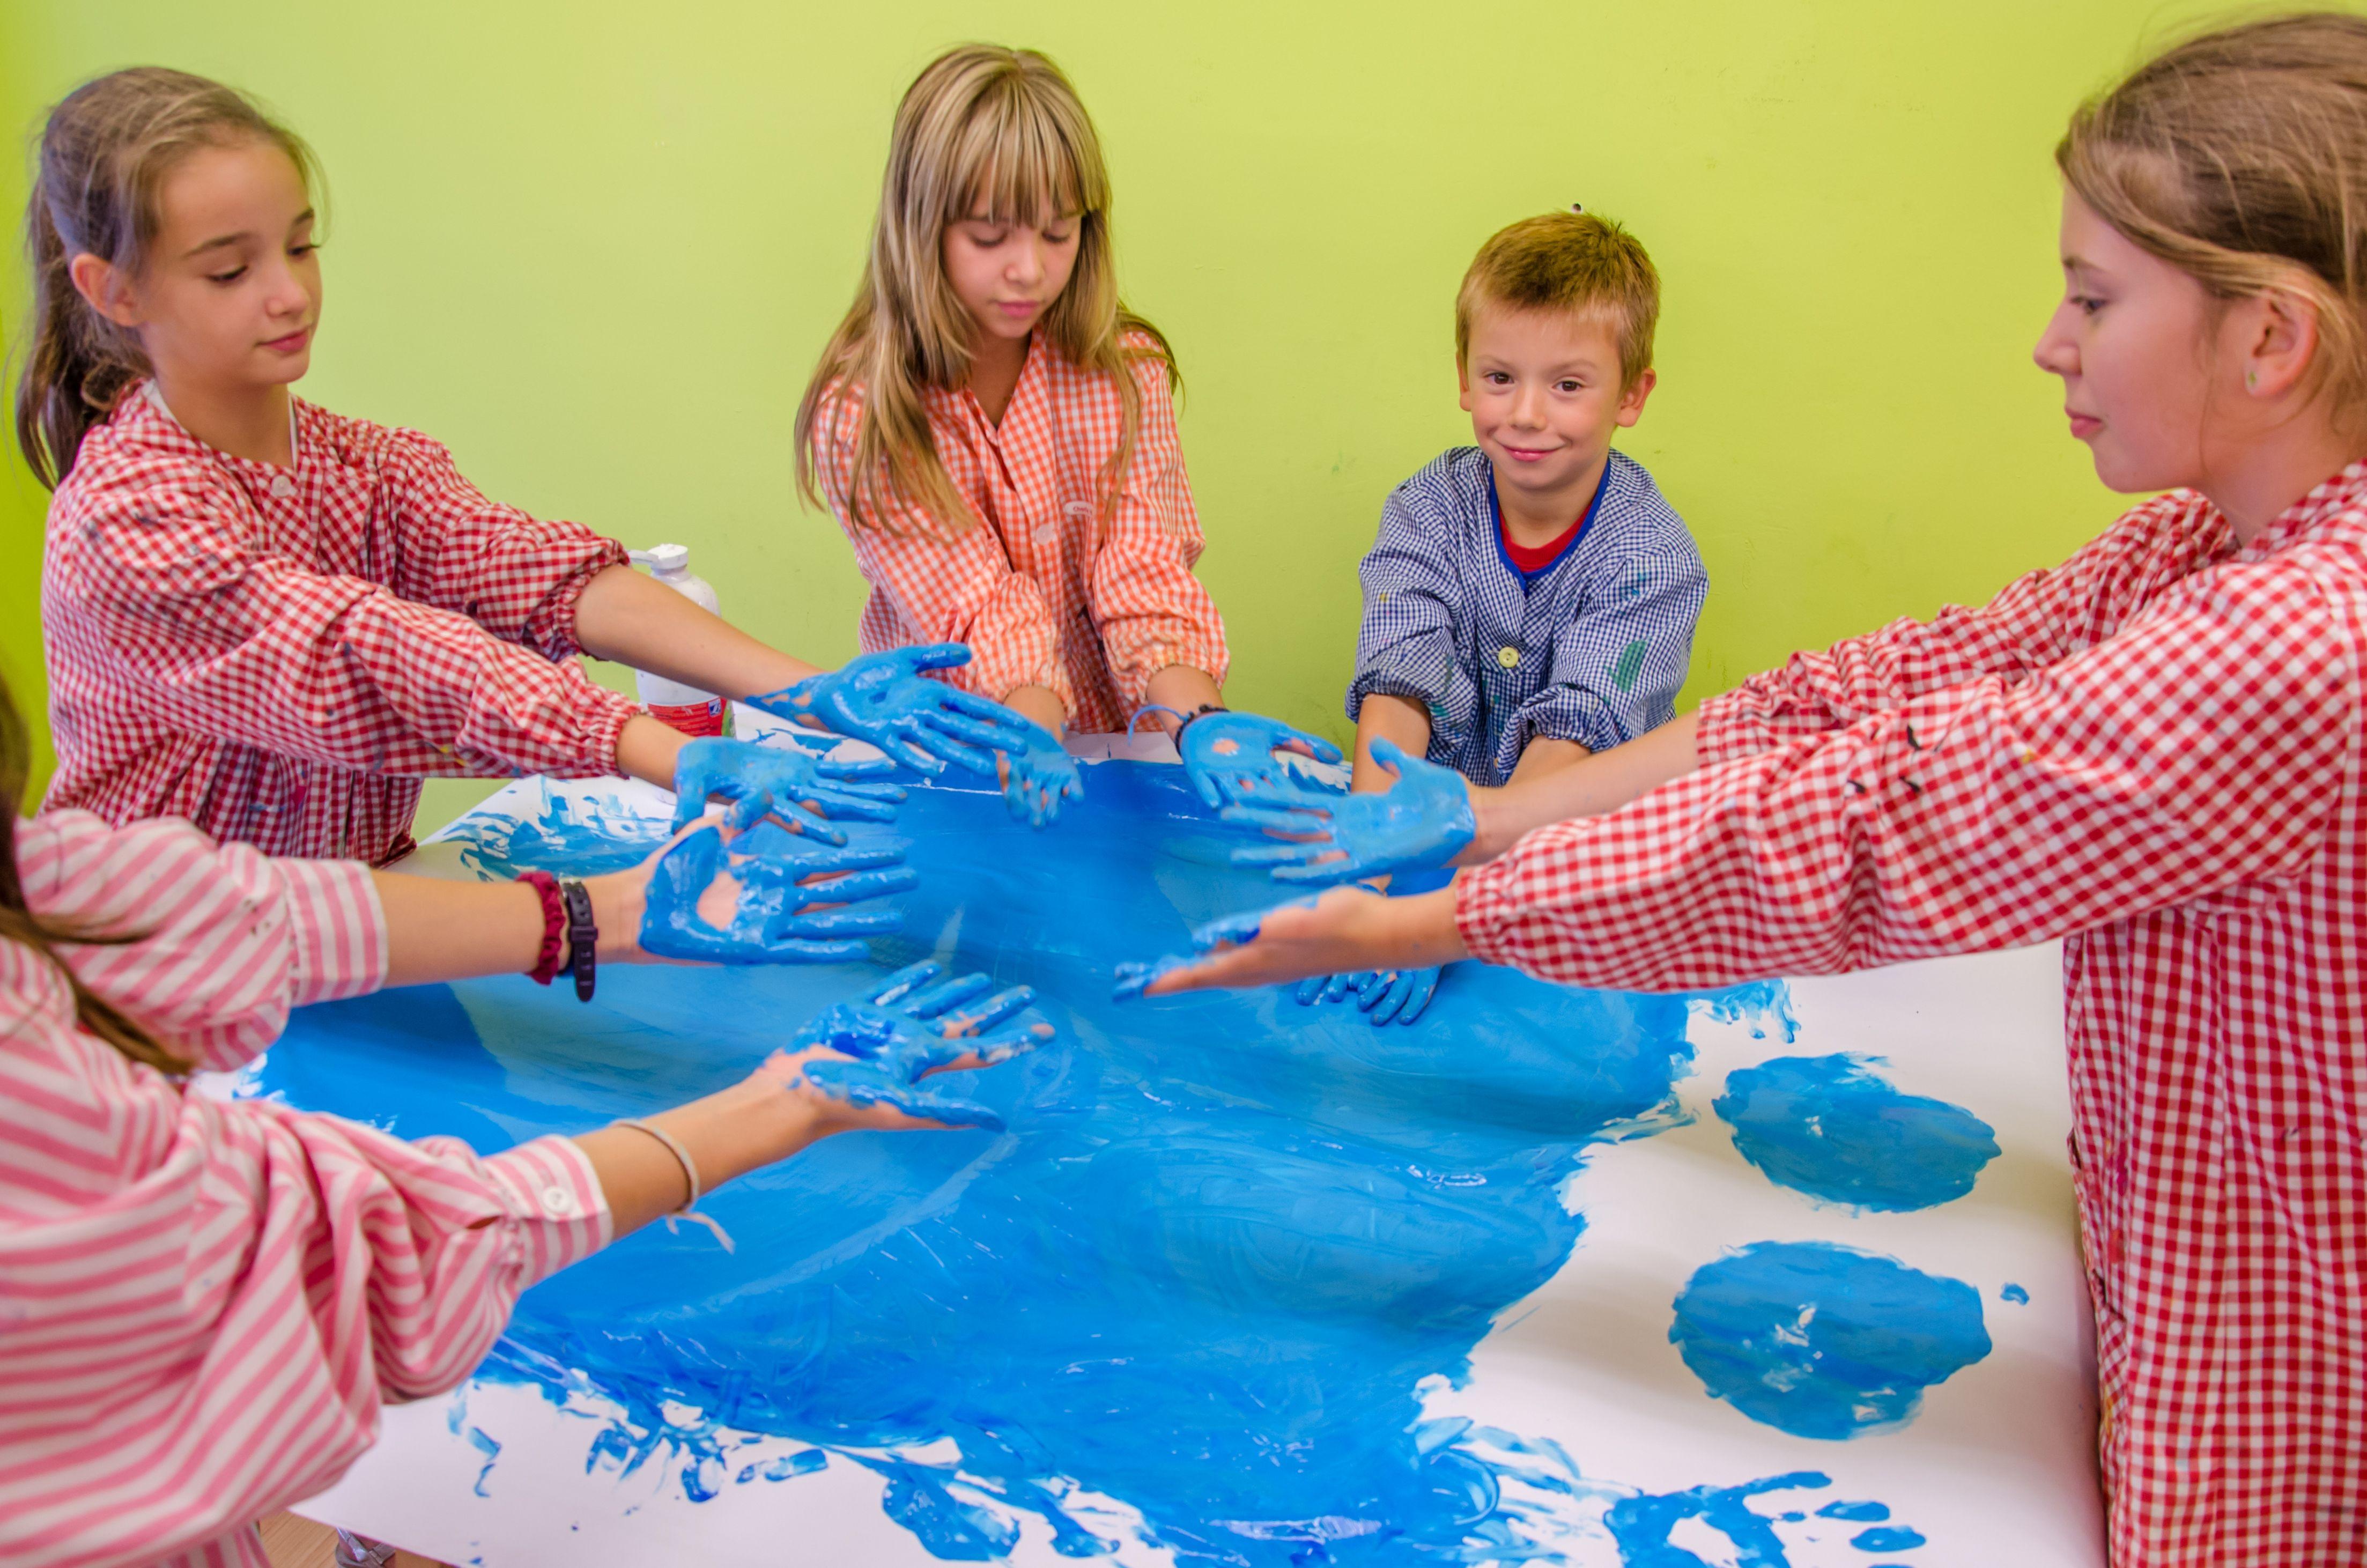 El centre ofereix tallers de joieria tèxtil, de cistelleria tradicional, entre d'altres. FOTO: Cedida